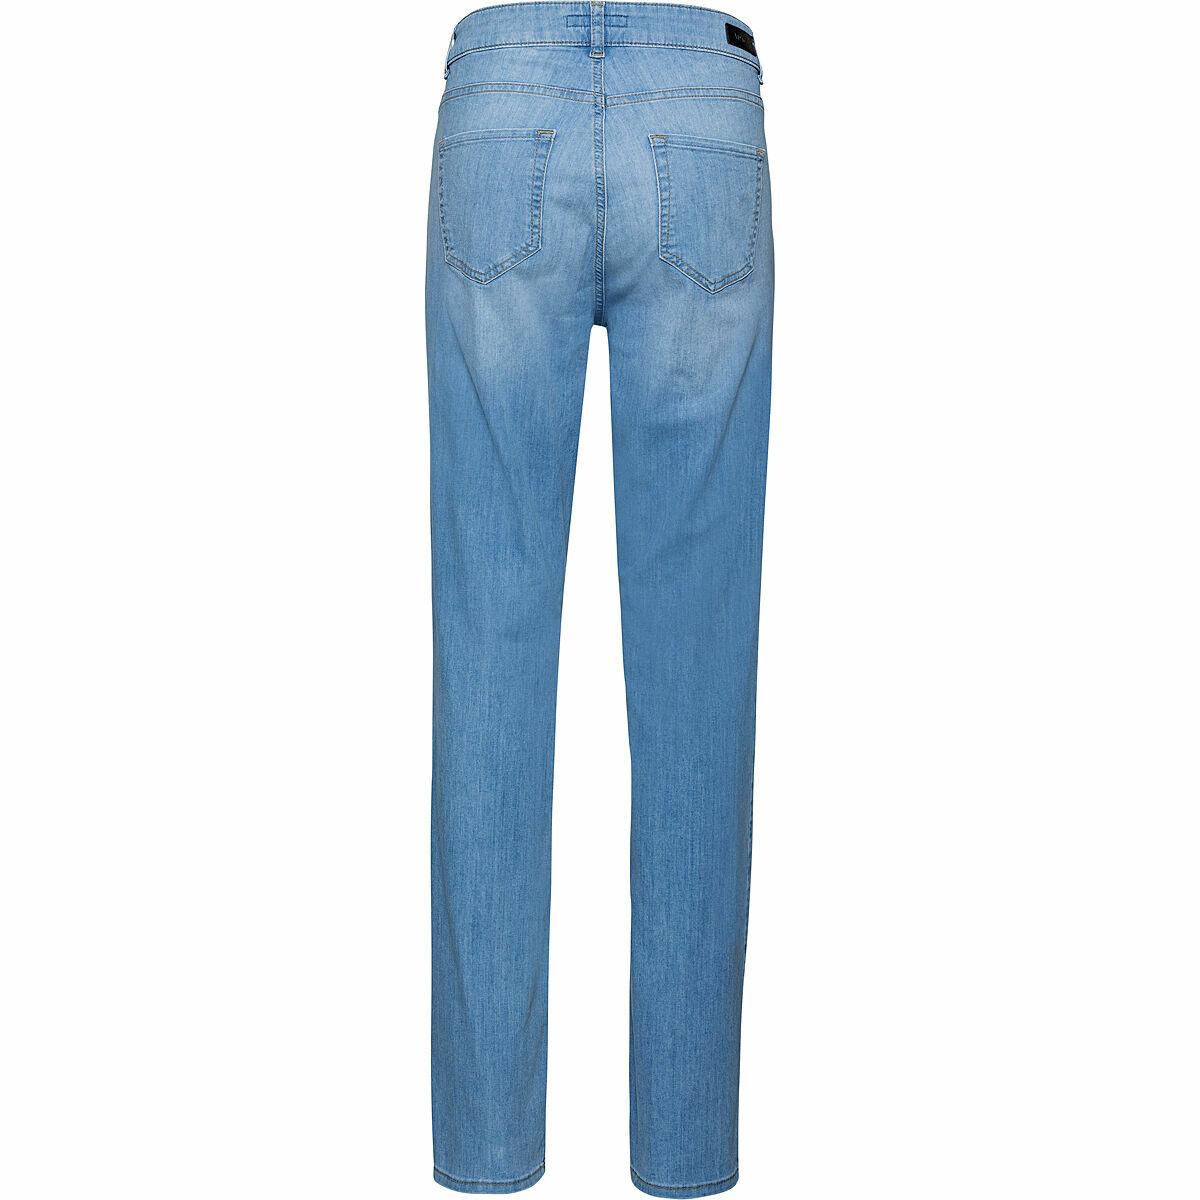 Bild 2 von Adagio Damen Jeans Straight Fit